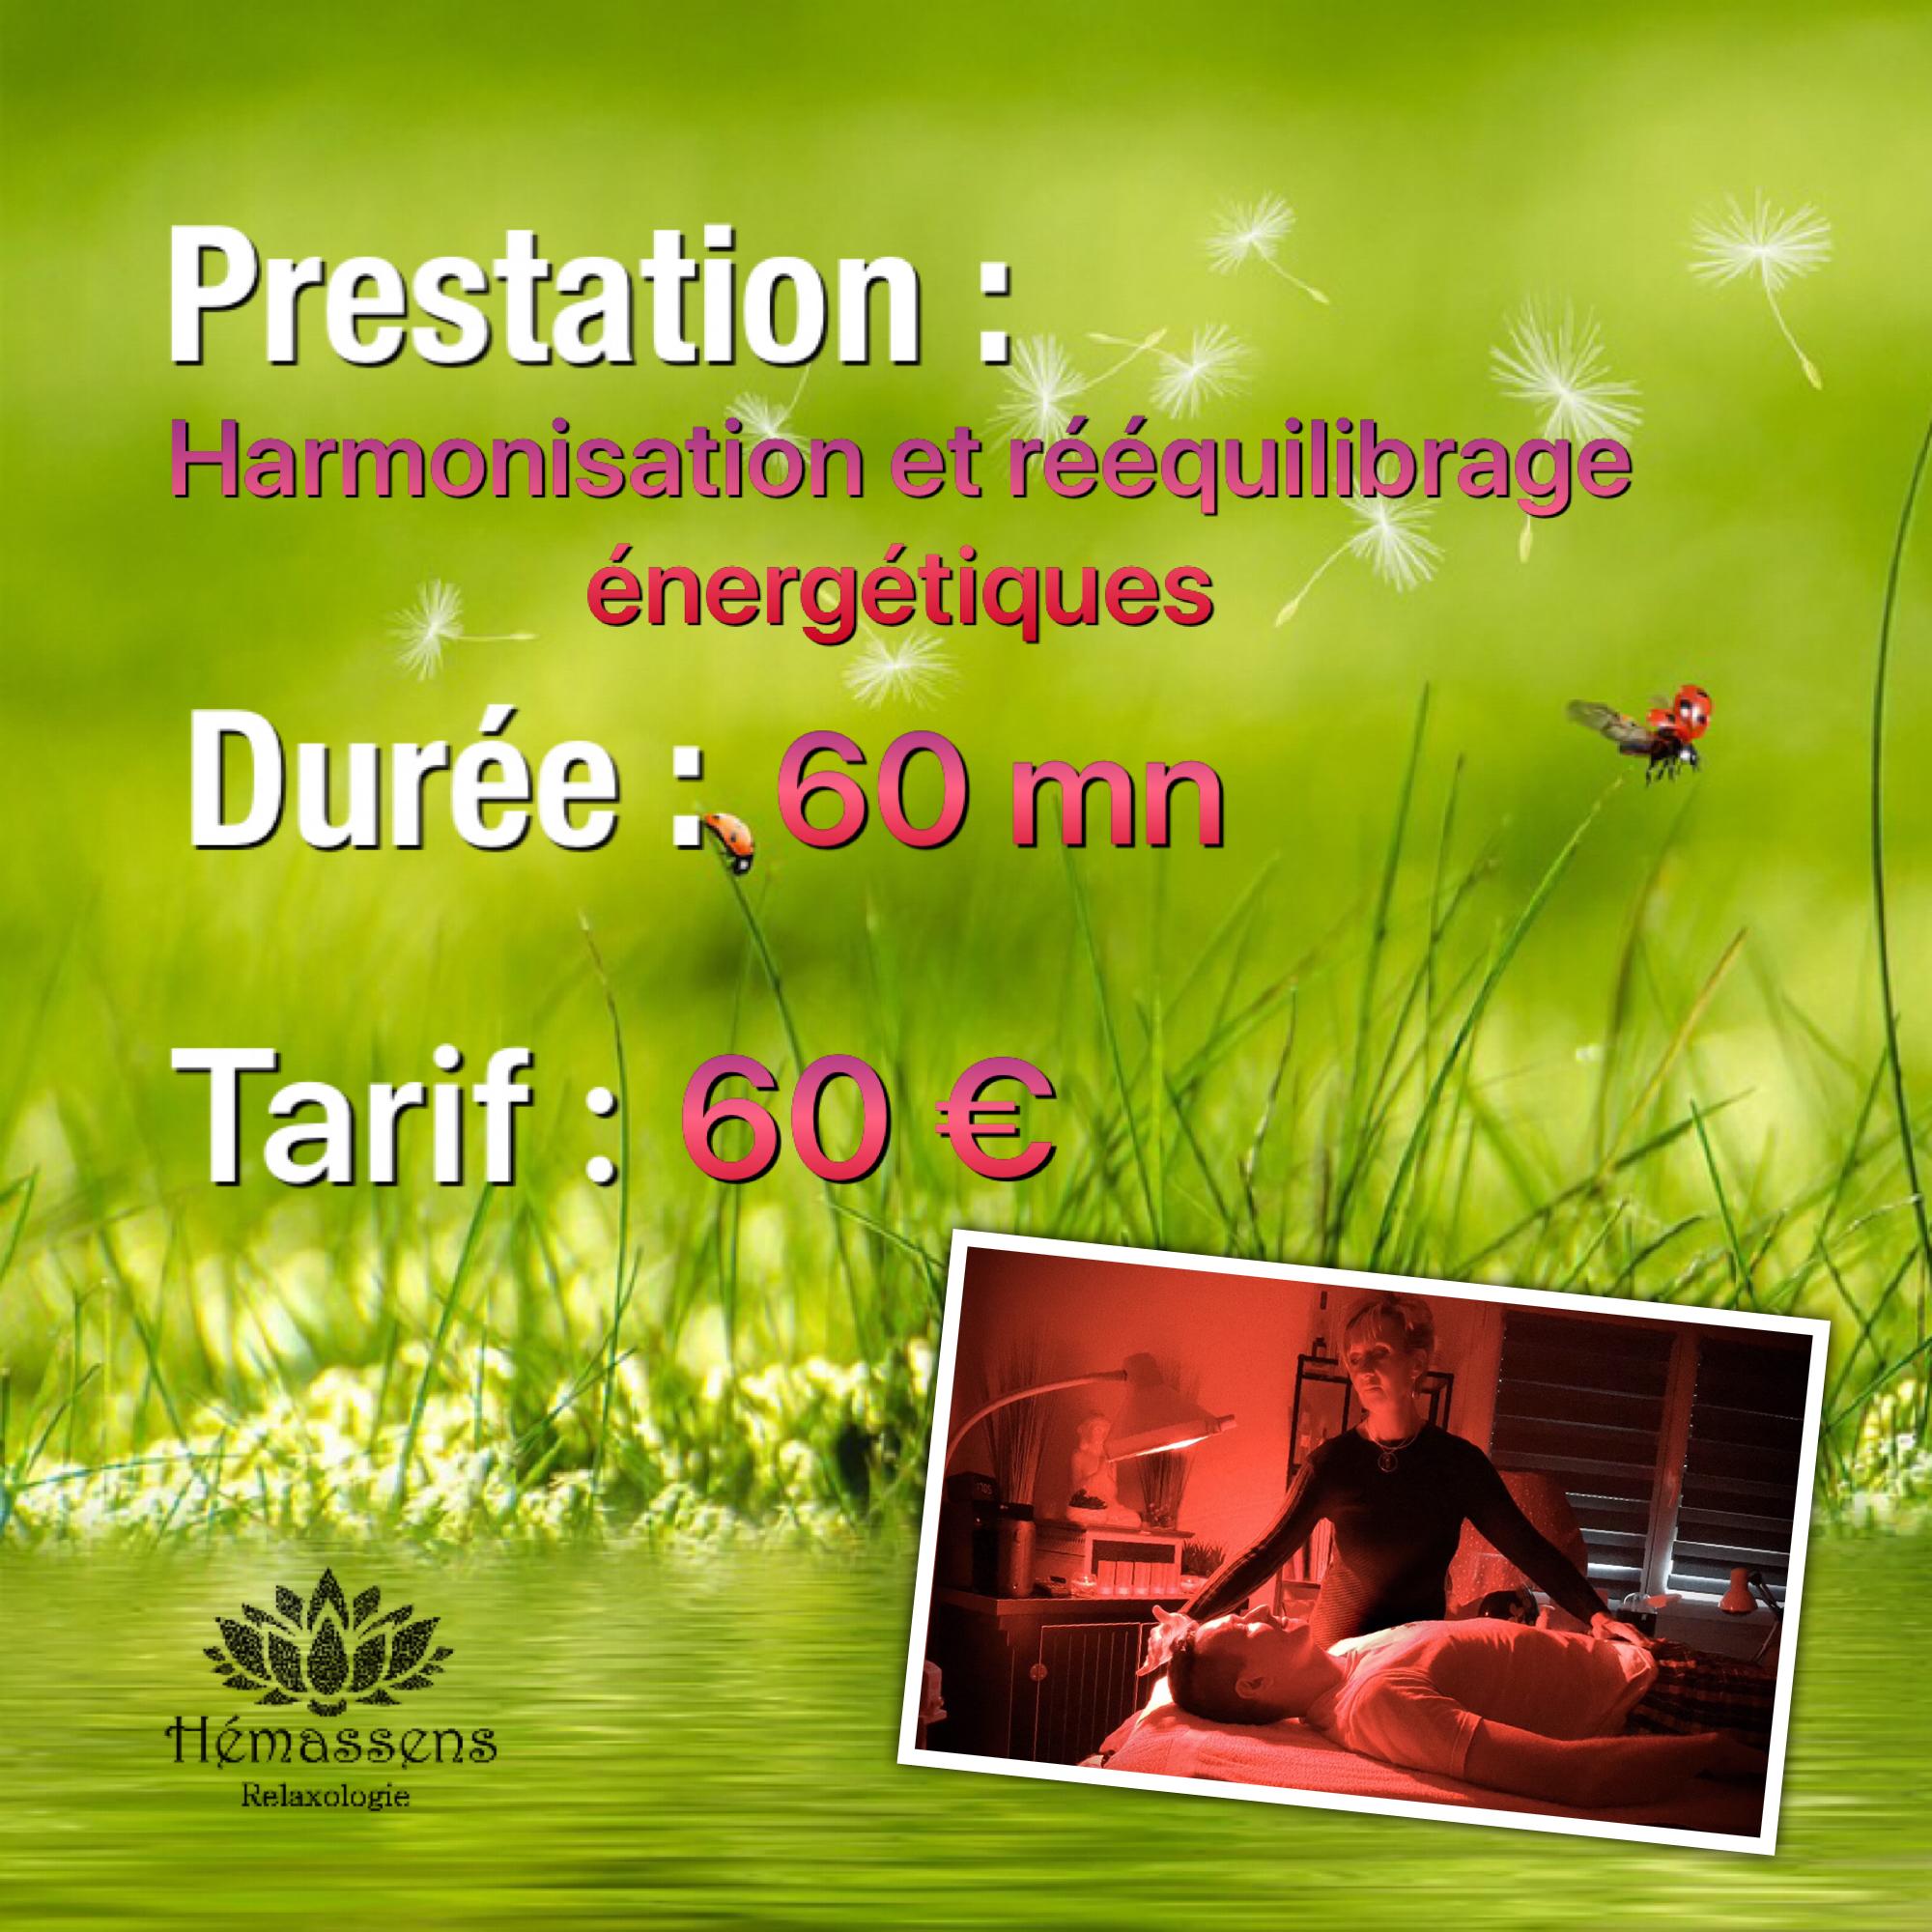 Harmonisation et rééquilibrage énergétique